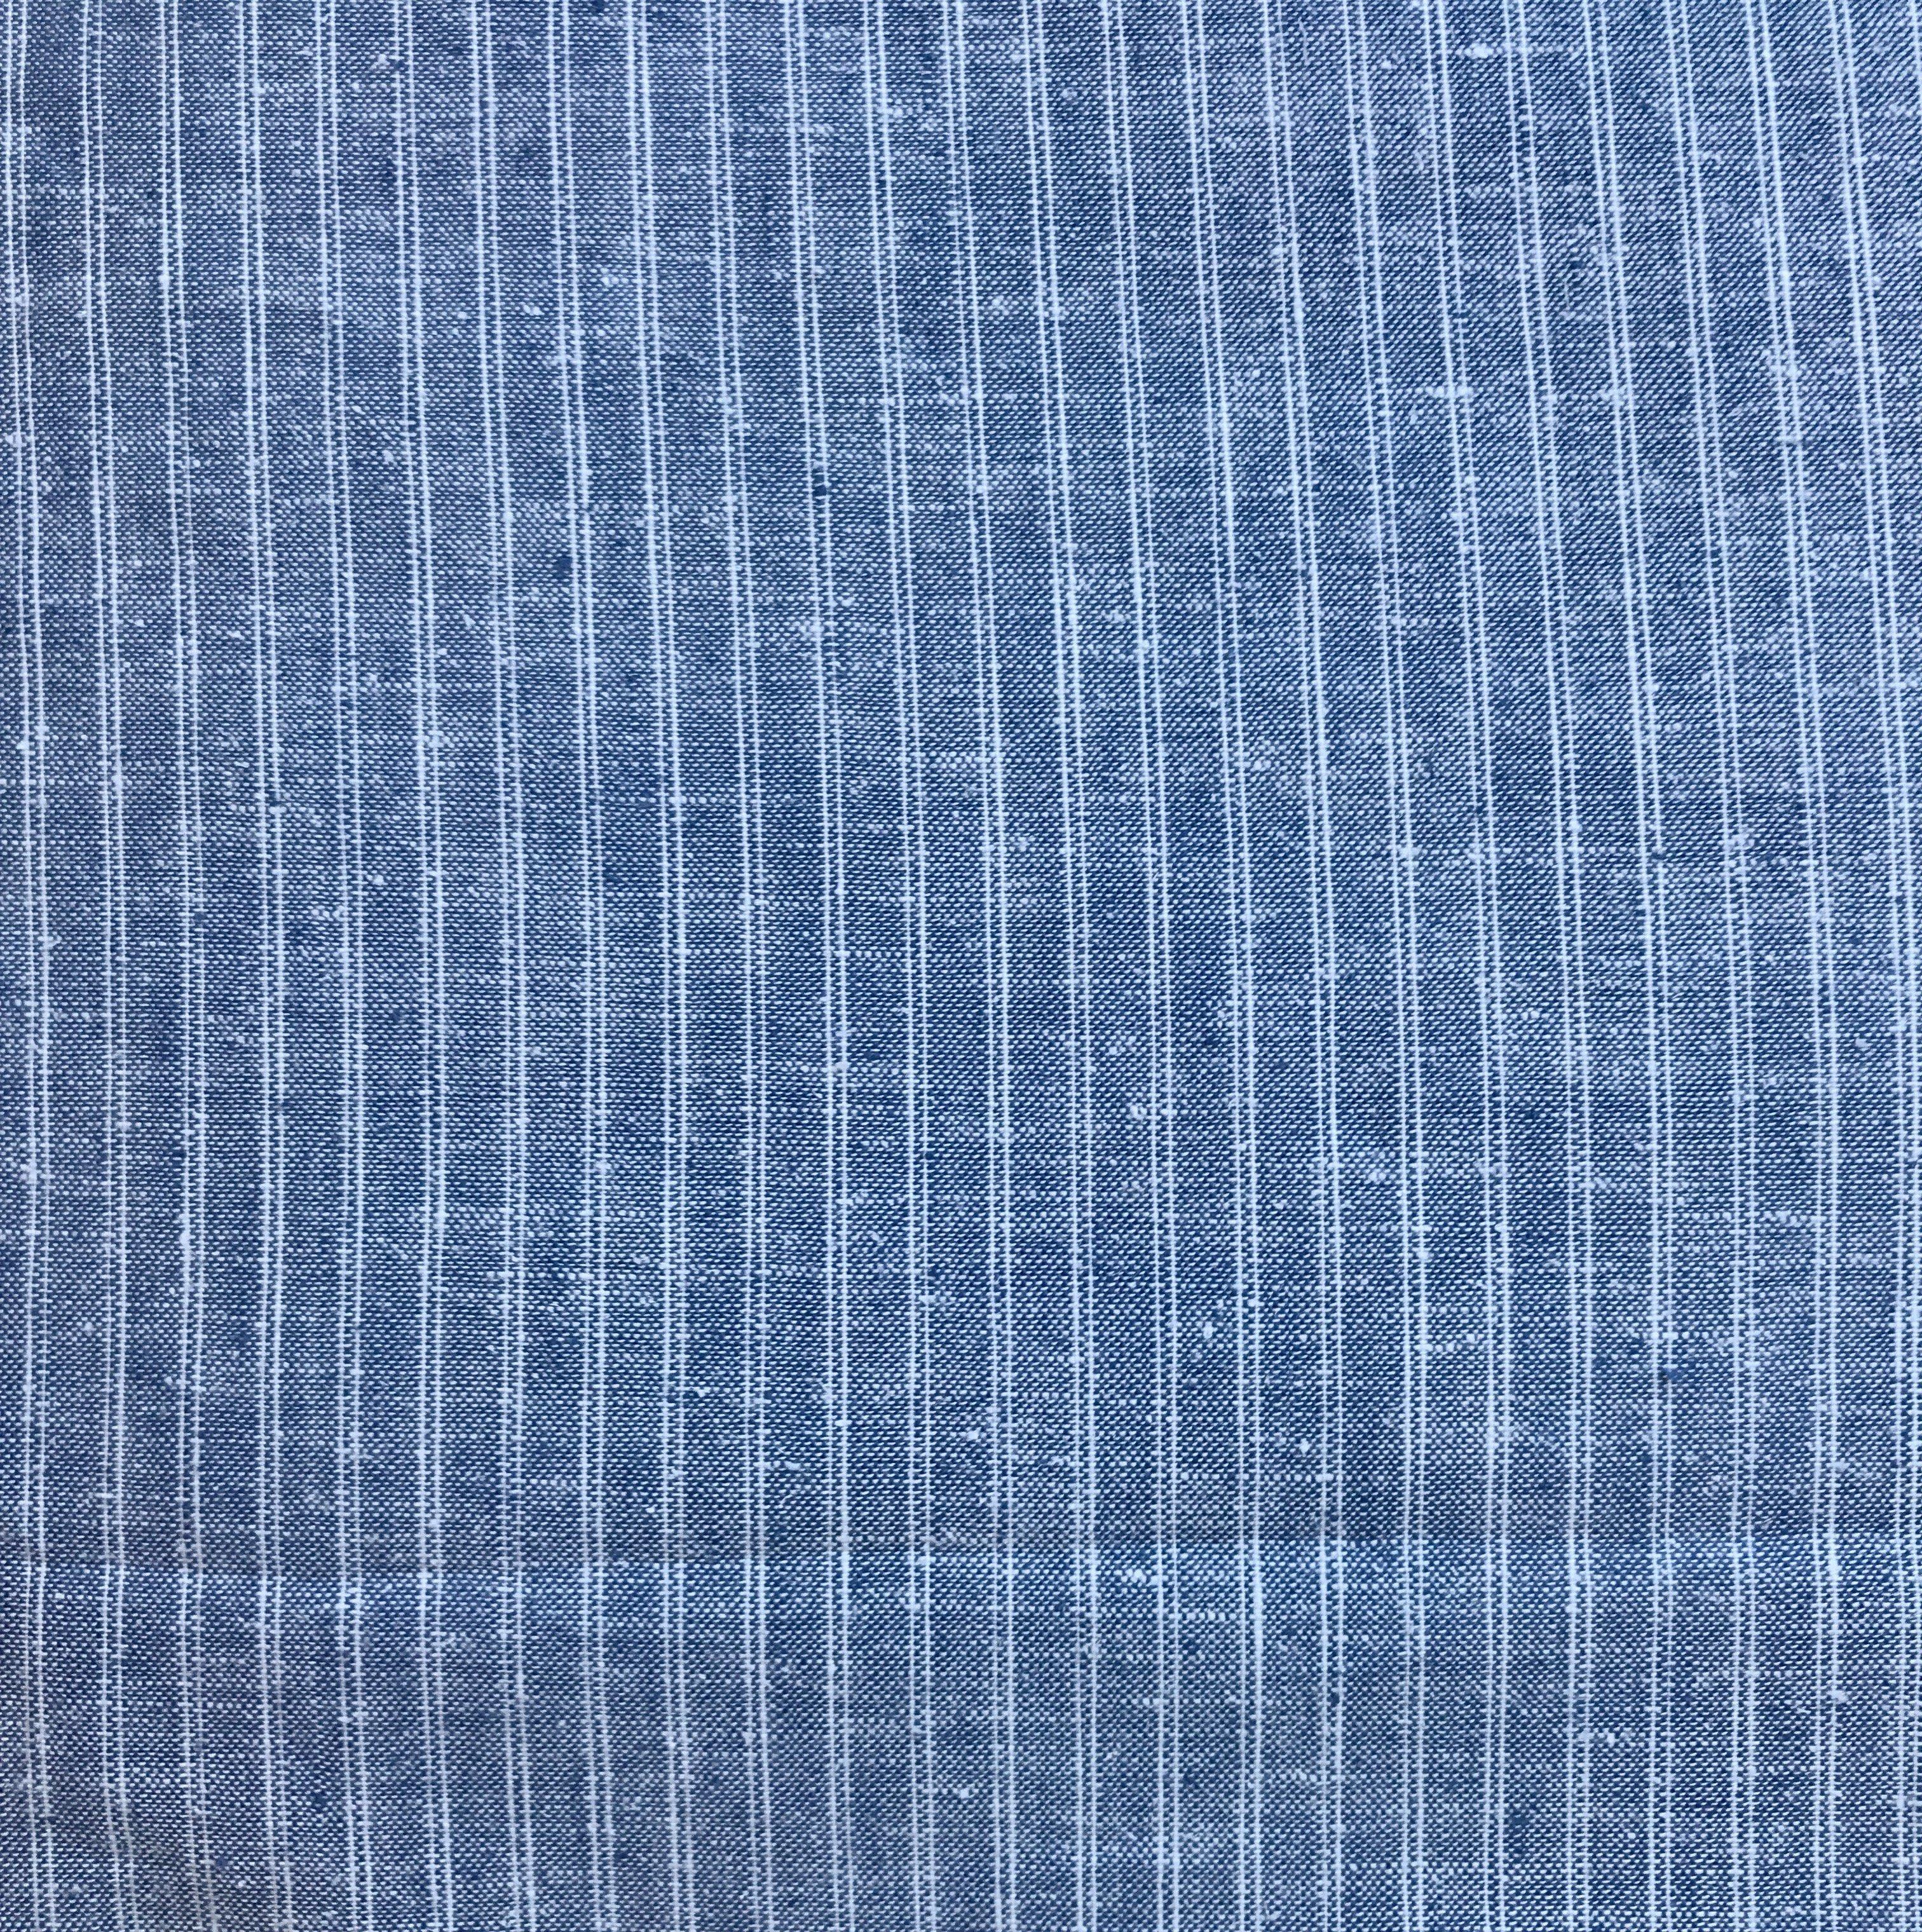 Blue Hemp/Organic Cotton Ticking, HECT06